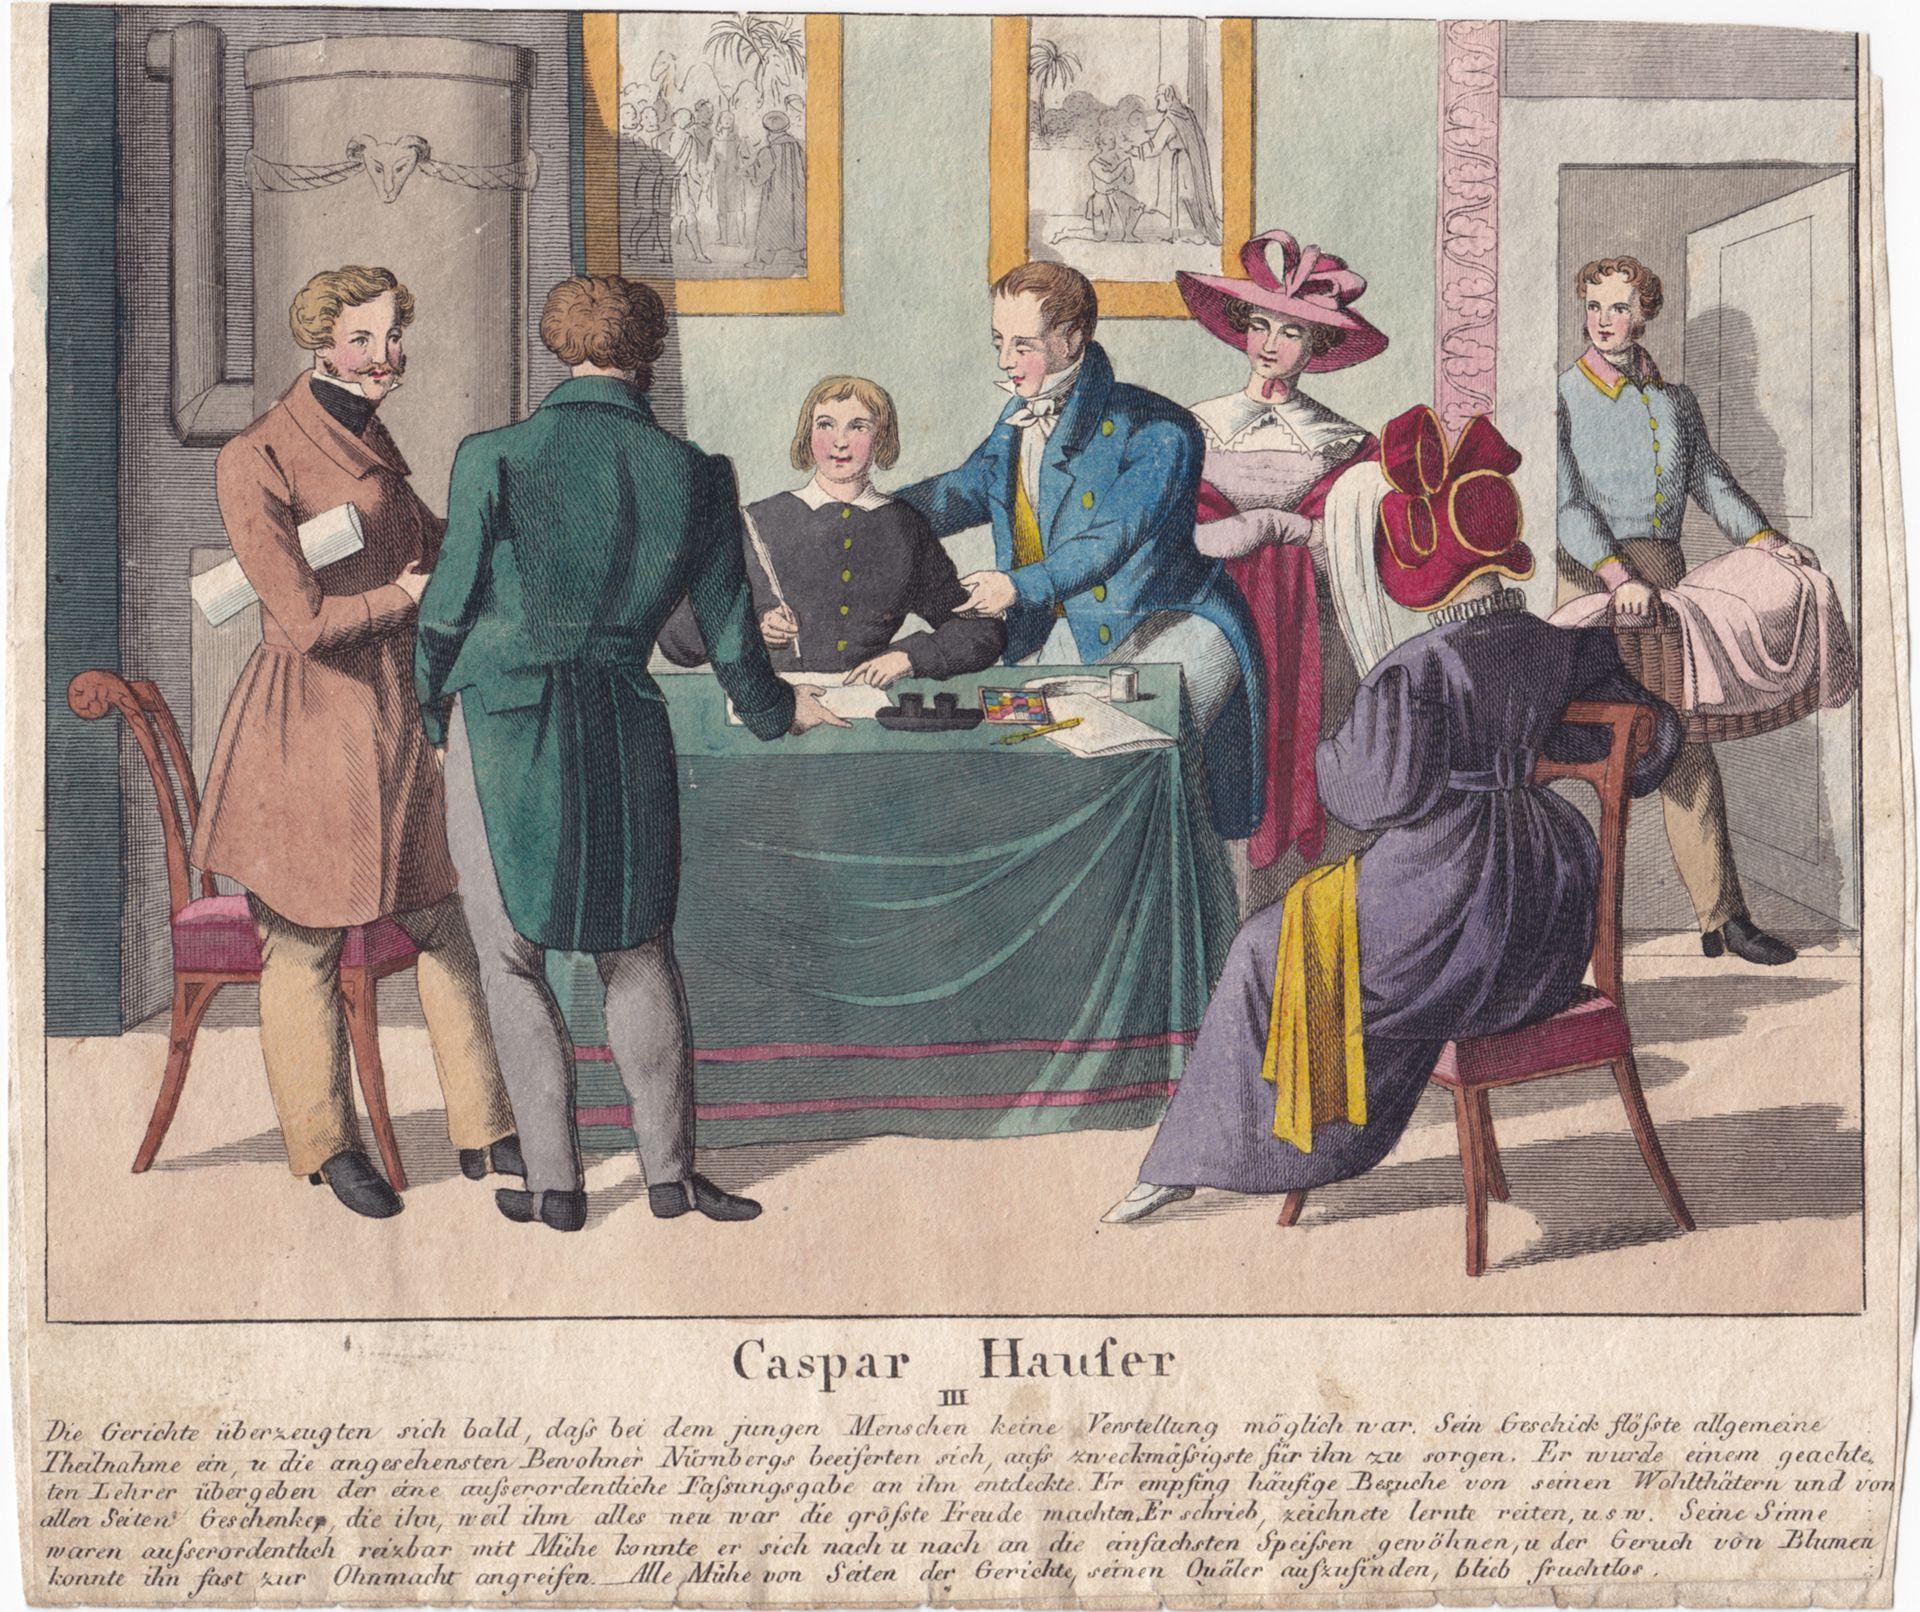 Caspar Hauser  III Gesamtansicht